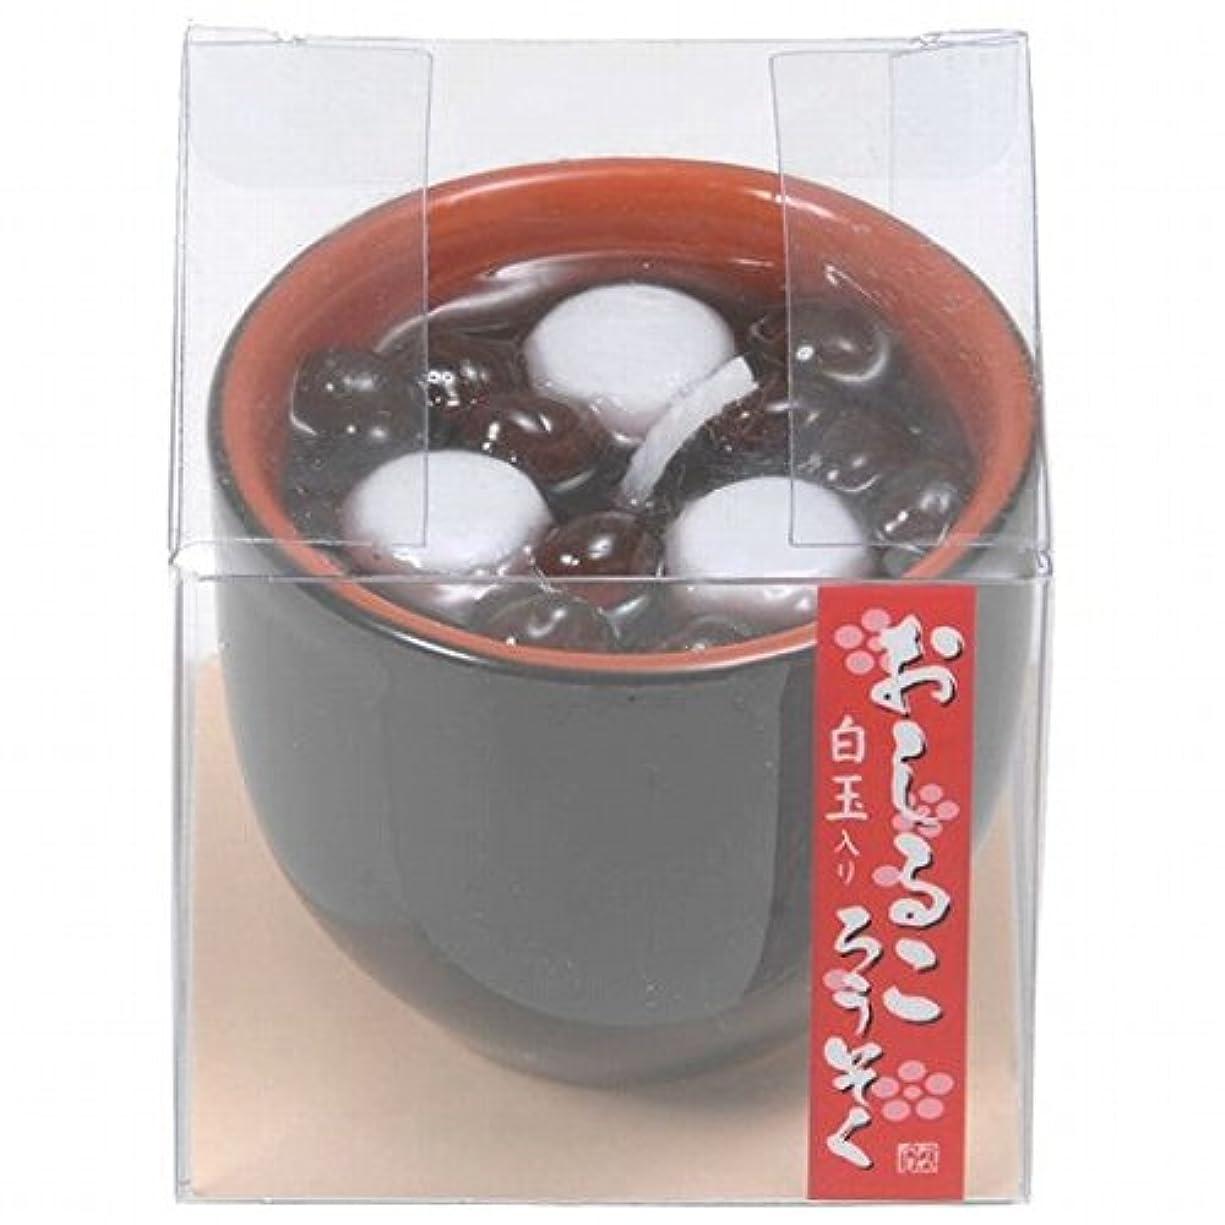 放課後間隔申し立てられたカメヤマキャンドル( kameyama candle ) おしるころうそく キャンドル